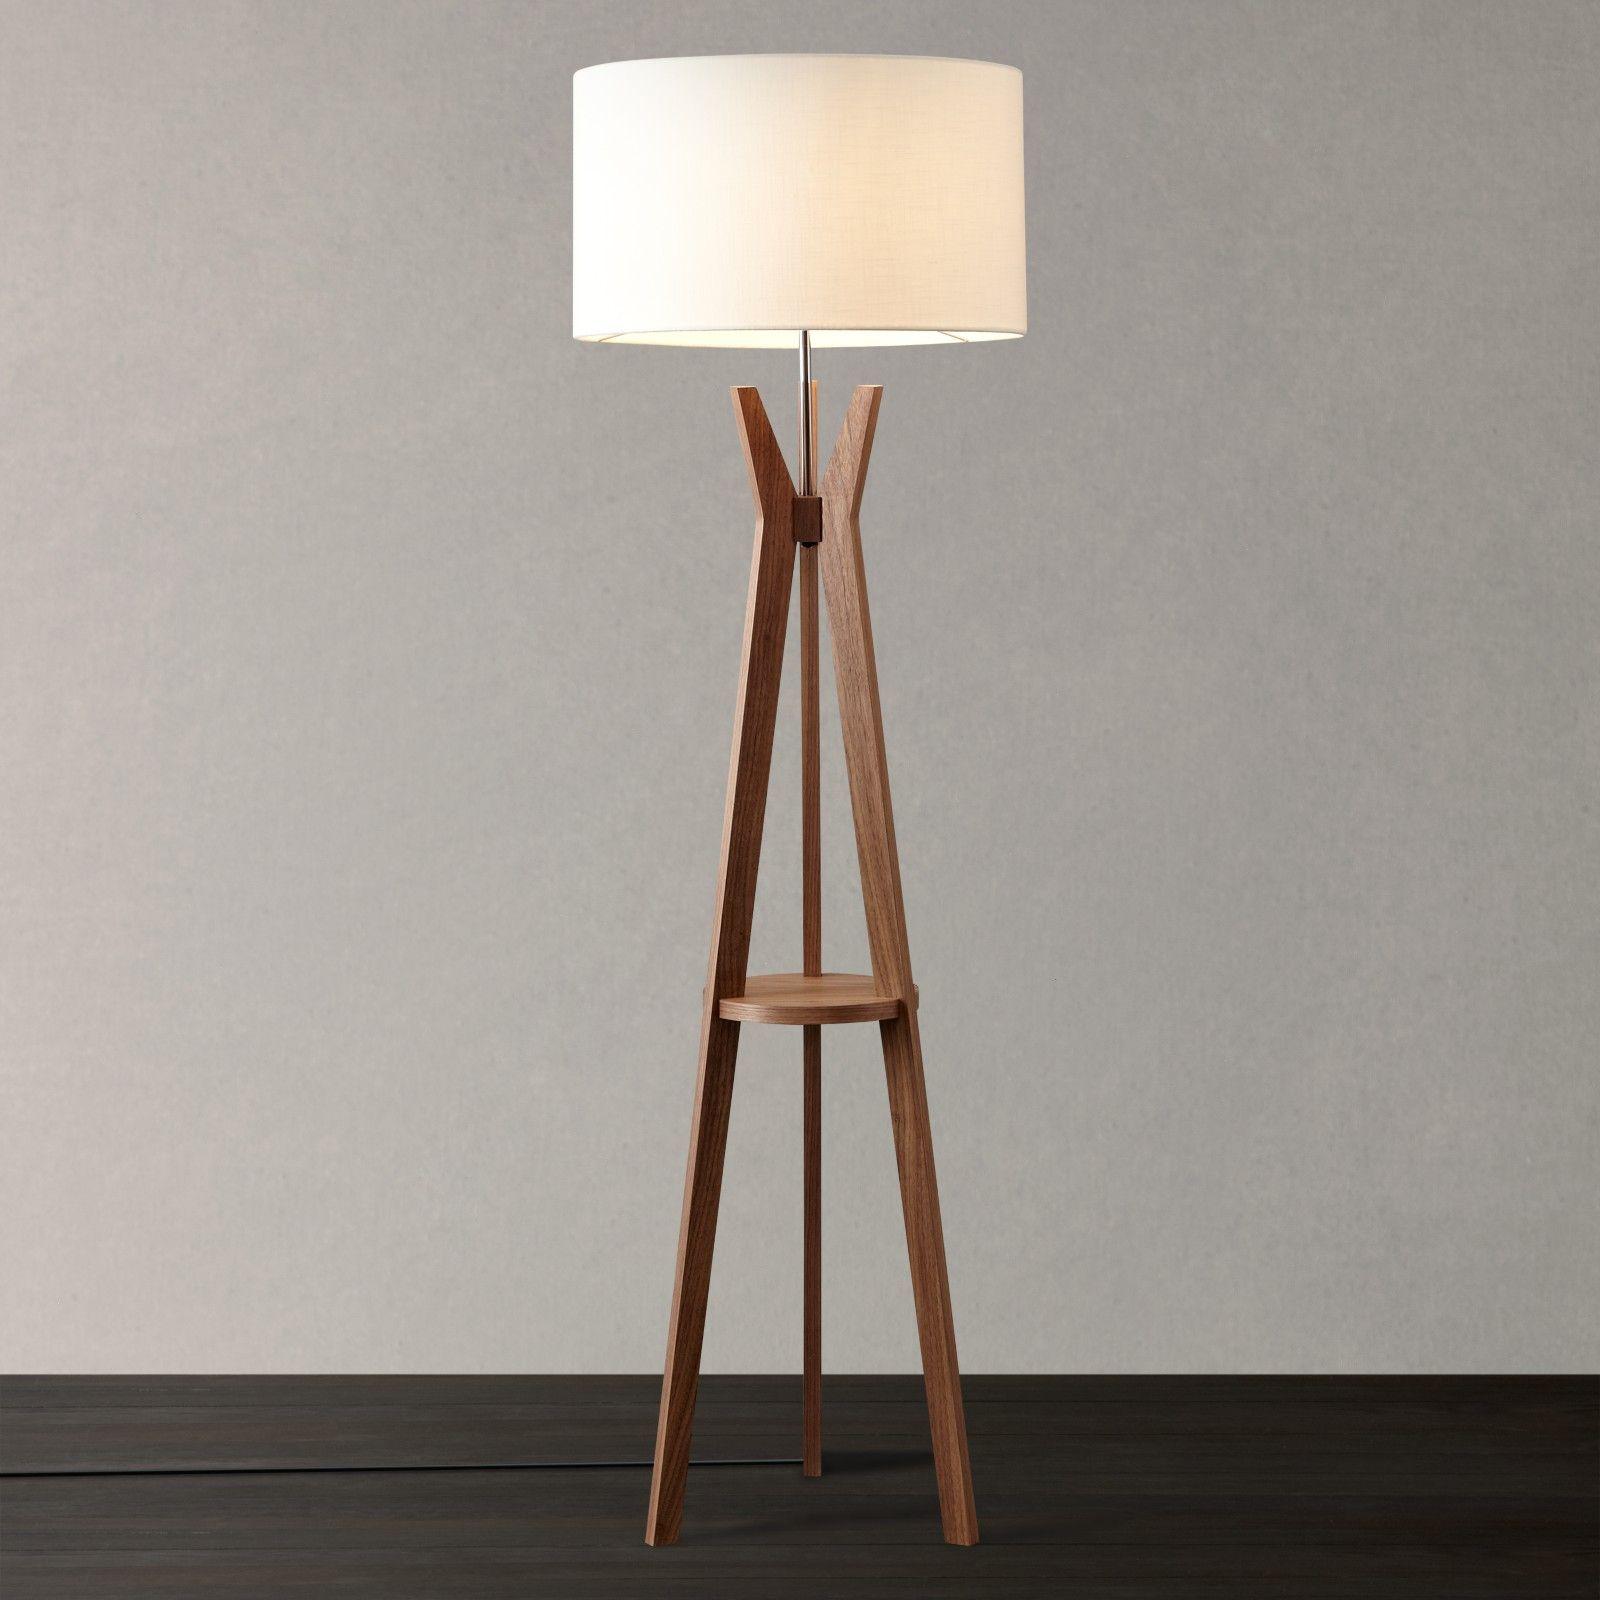 Buy i4DZINE Trafalgar Tripod Floor Lamp Walnut line at